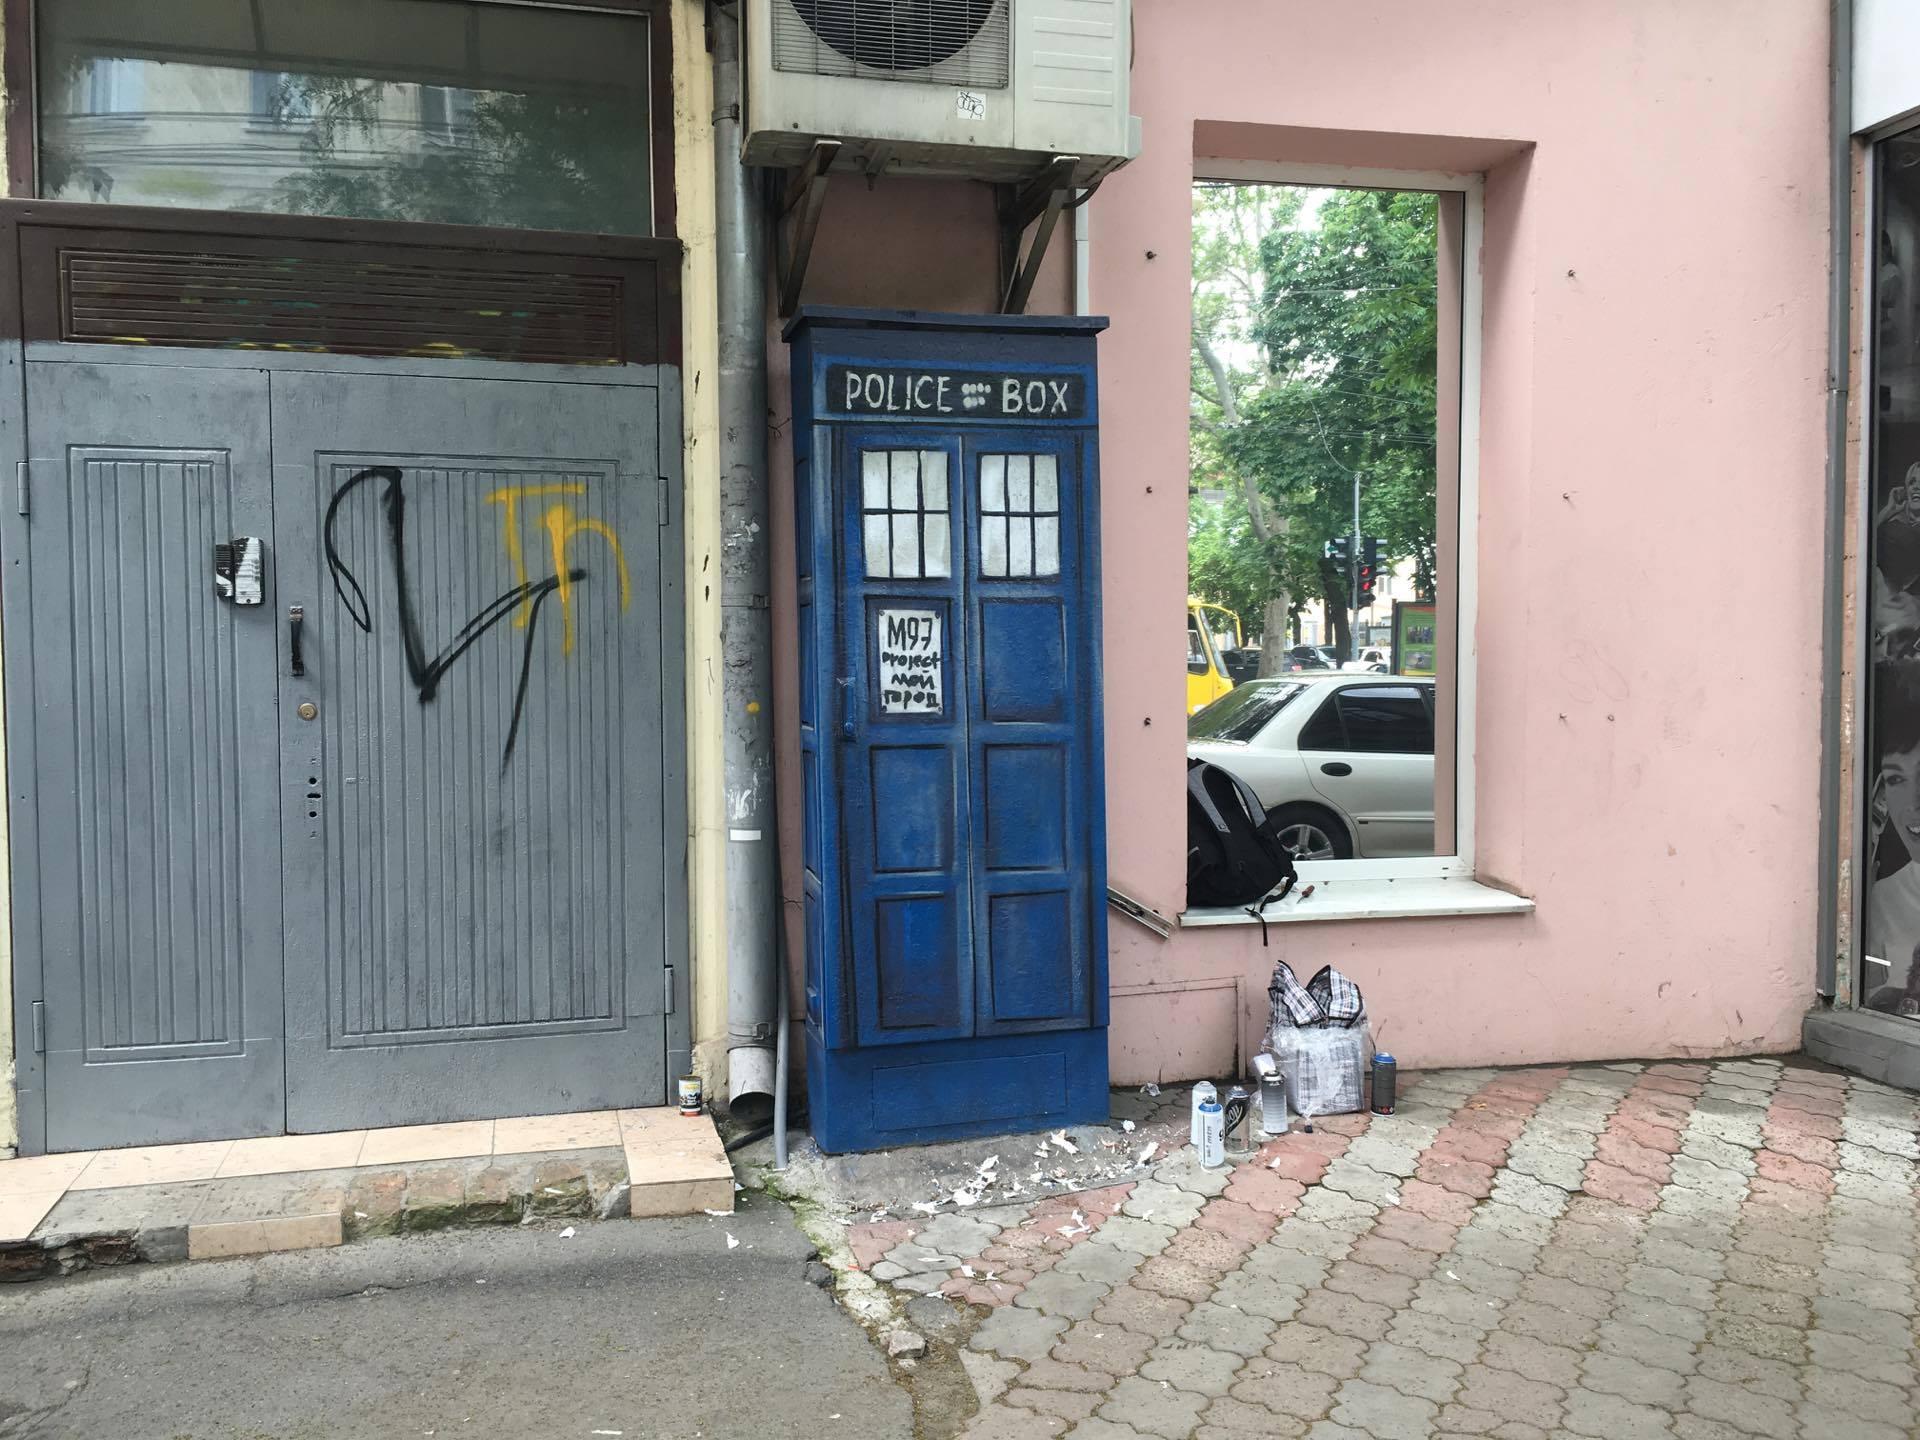 13334728_1201164569907526_1850499689_o В центре Одессы появился космический корабль